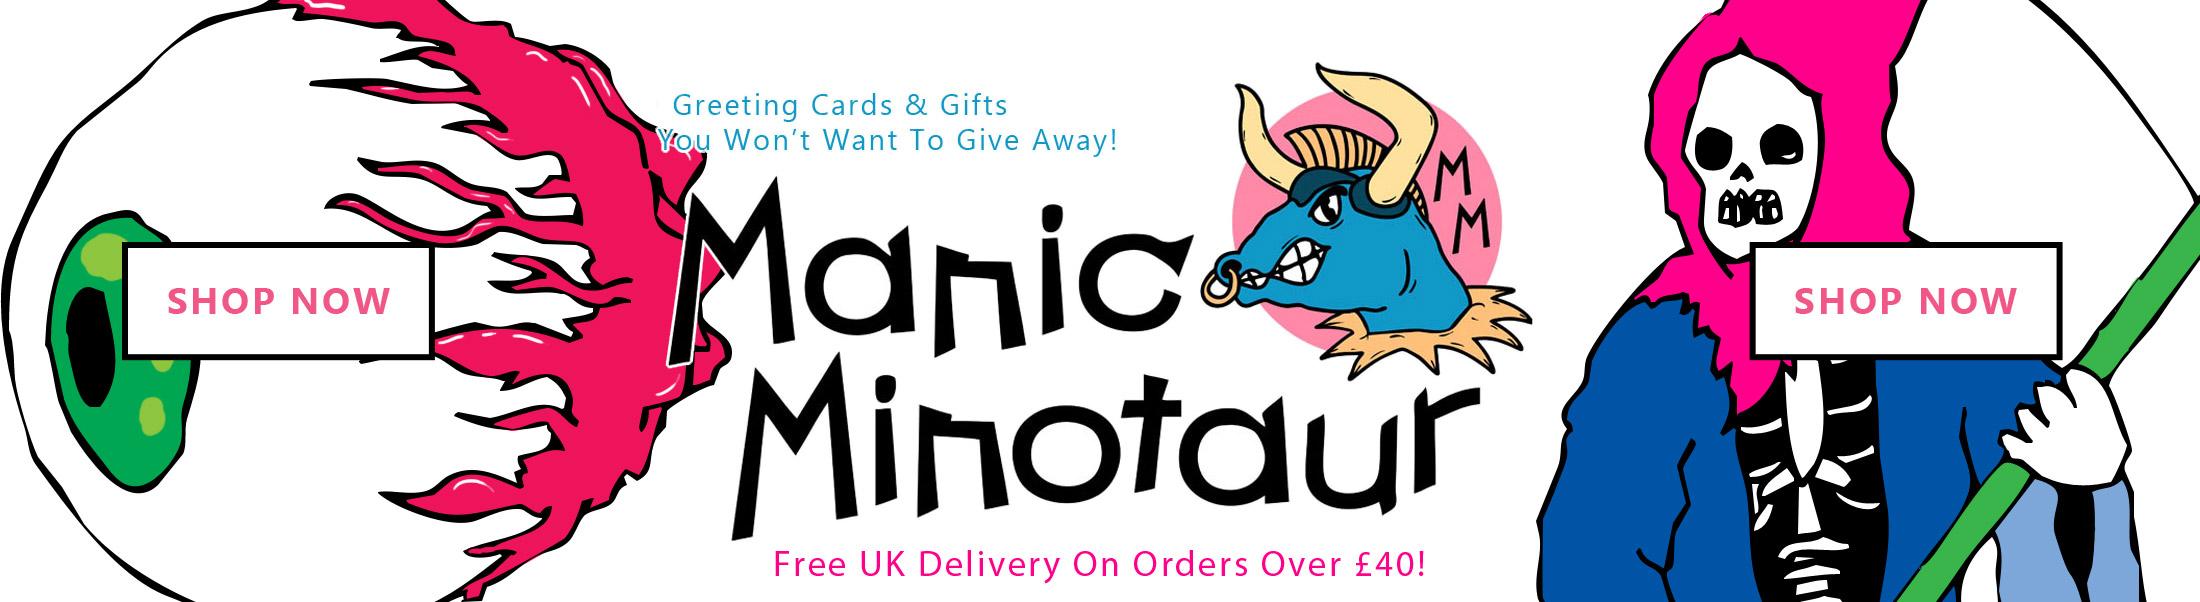 Manic Minotaur Homepage Banner